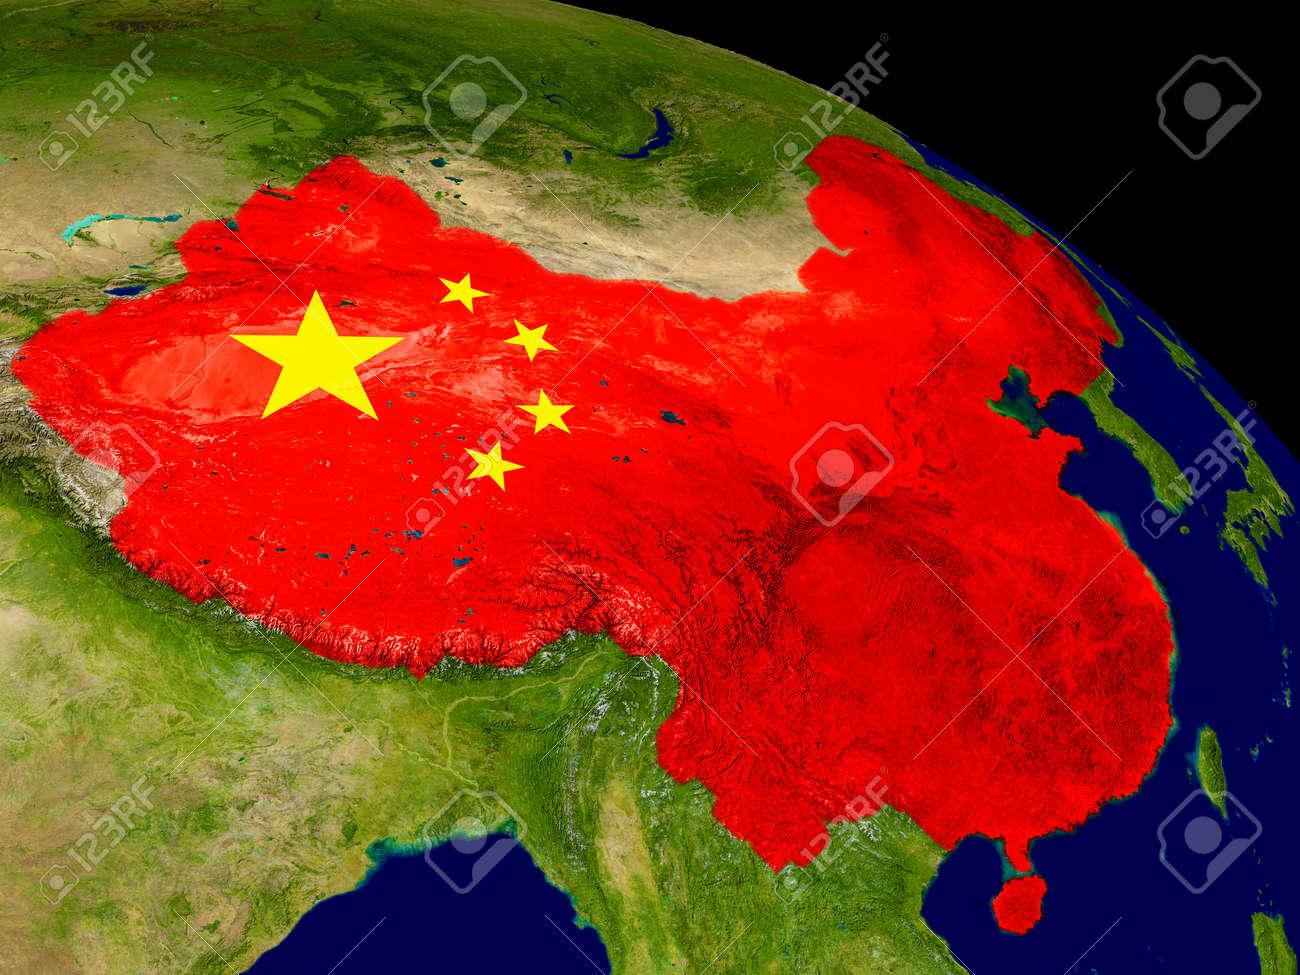 Carte De La Chine Avec Le Drapeau Incorpore Sur La Surface De La Planete Illustration 3d Banque D Images Et Photos Libres De Droits Image 66303356